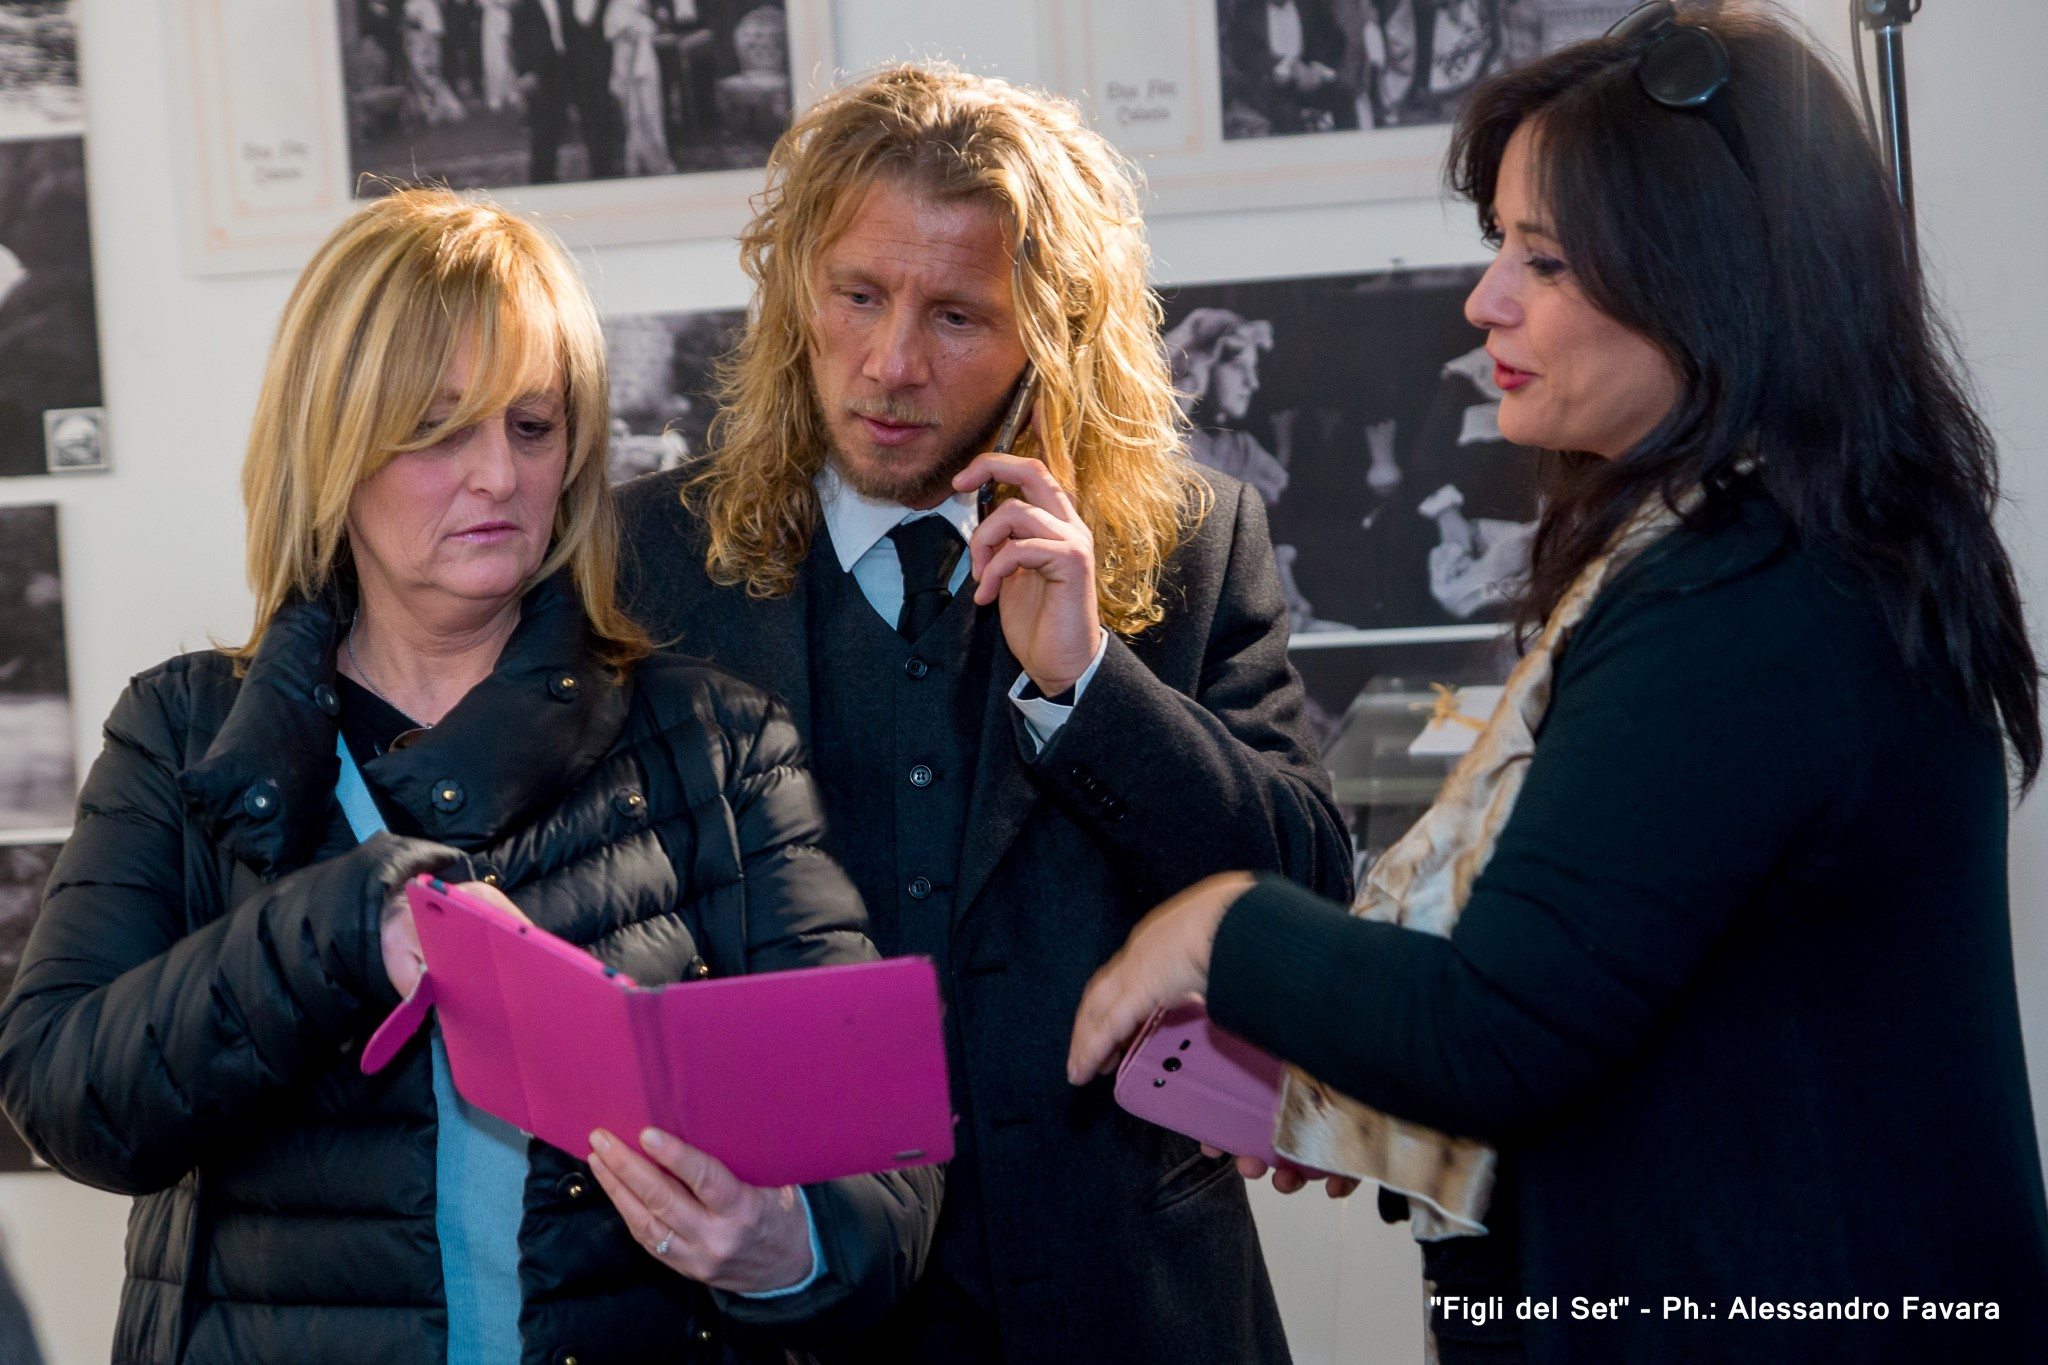 Nella foto Carlotta Bolognini e al centro il regista del film Figli del set, Alfredo Lo Piero